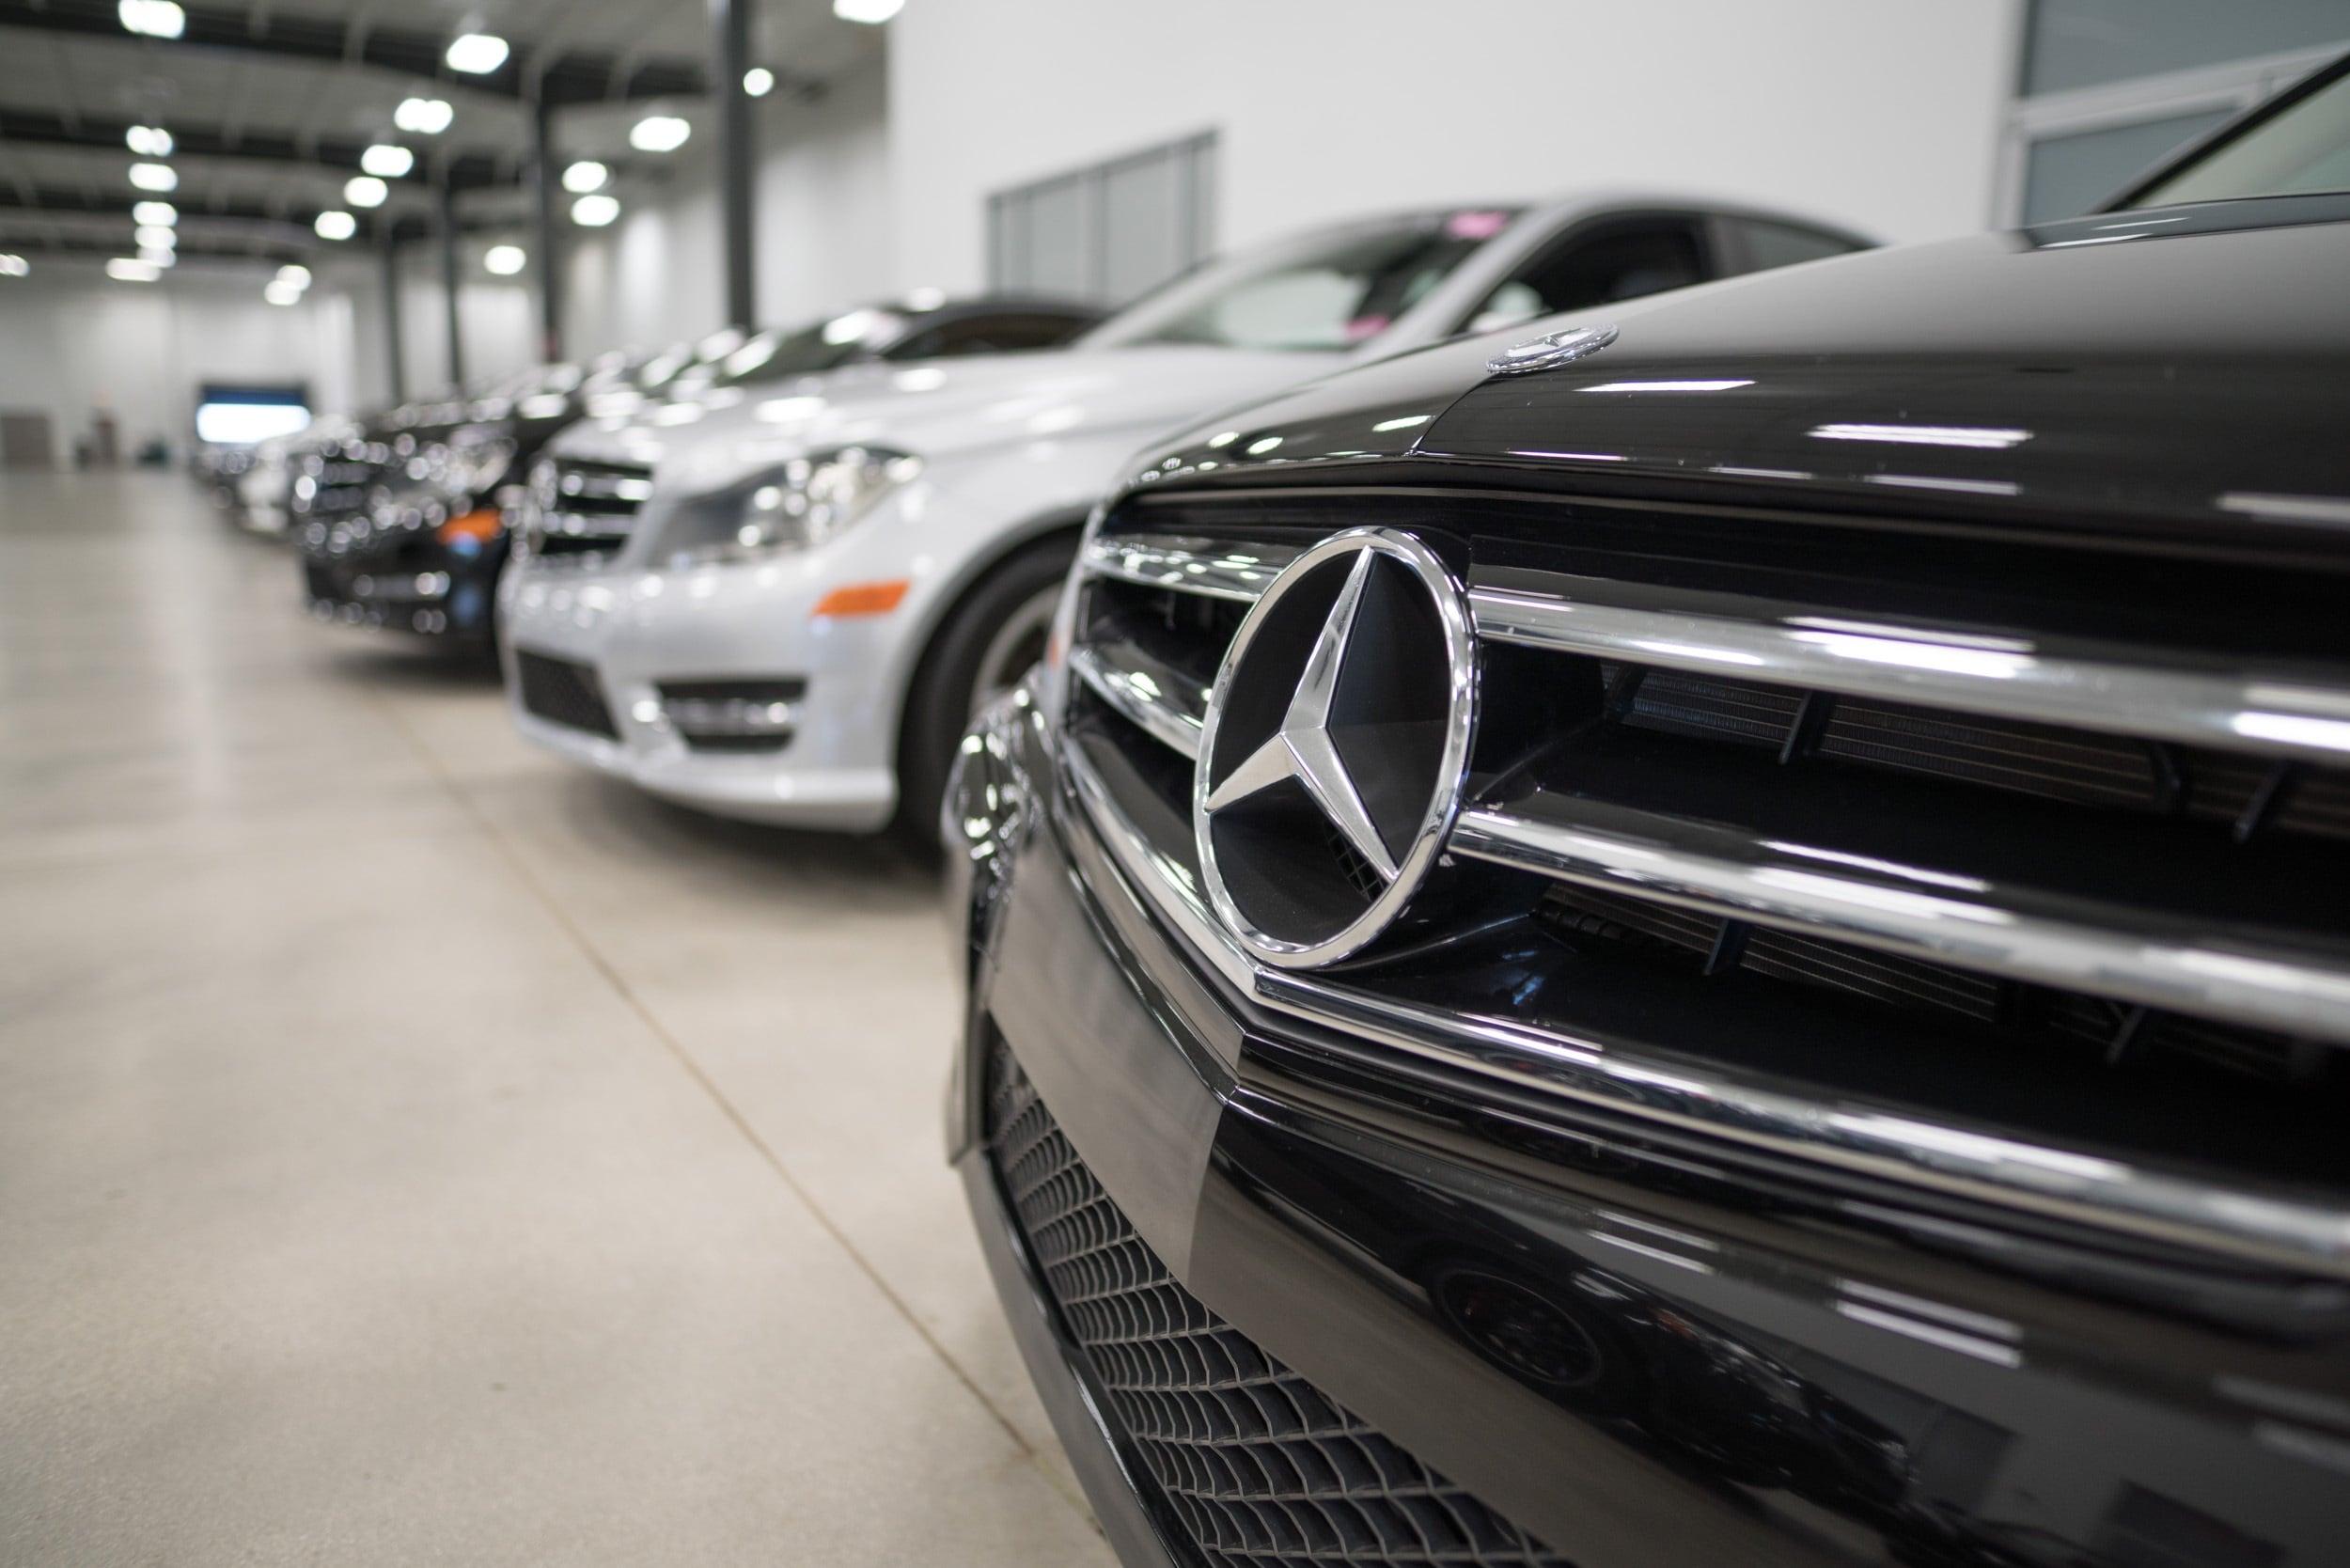 Mercedes benz dealer near me san jose ca mercedes benz for Mercedes benz auto shop near me